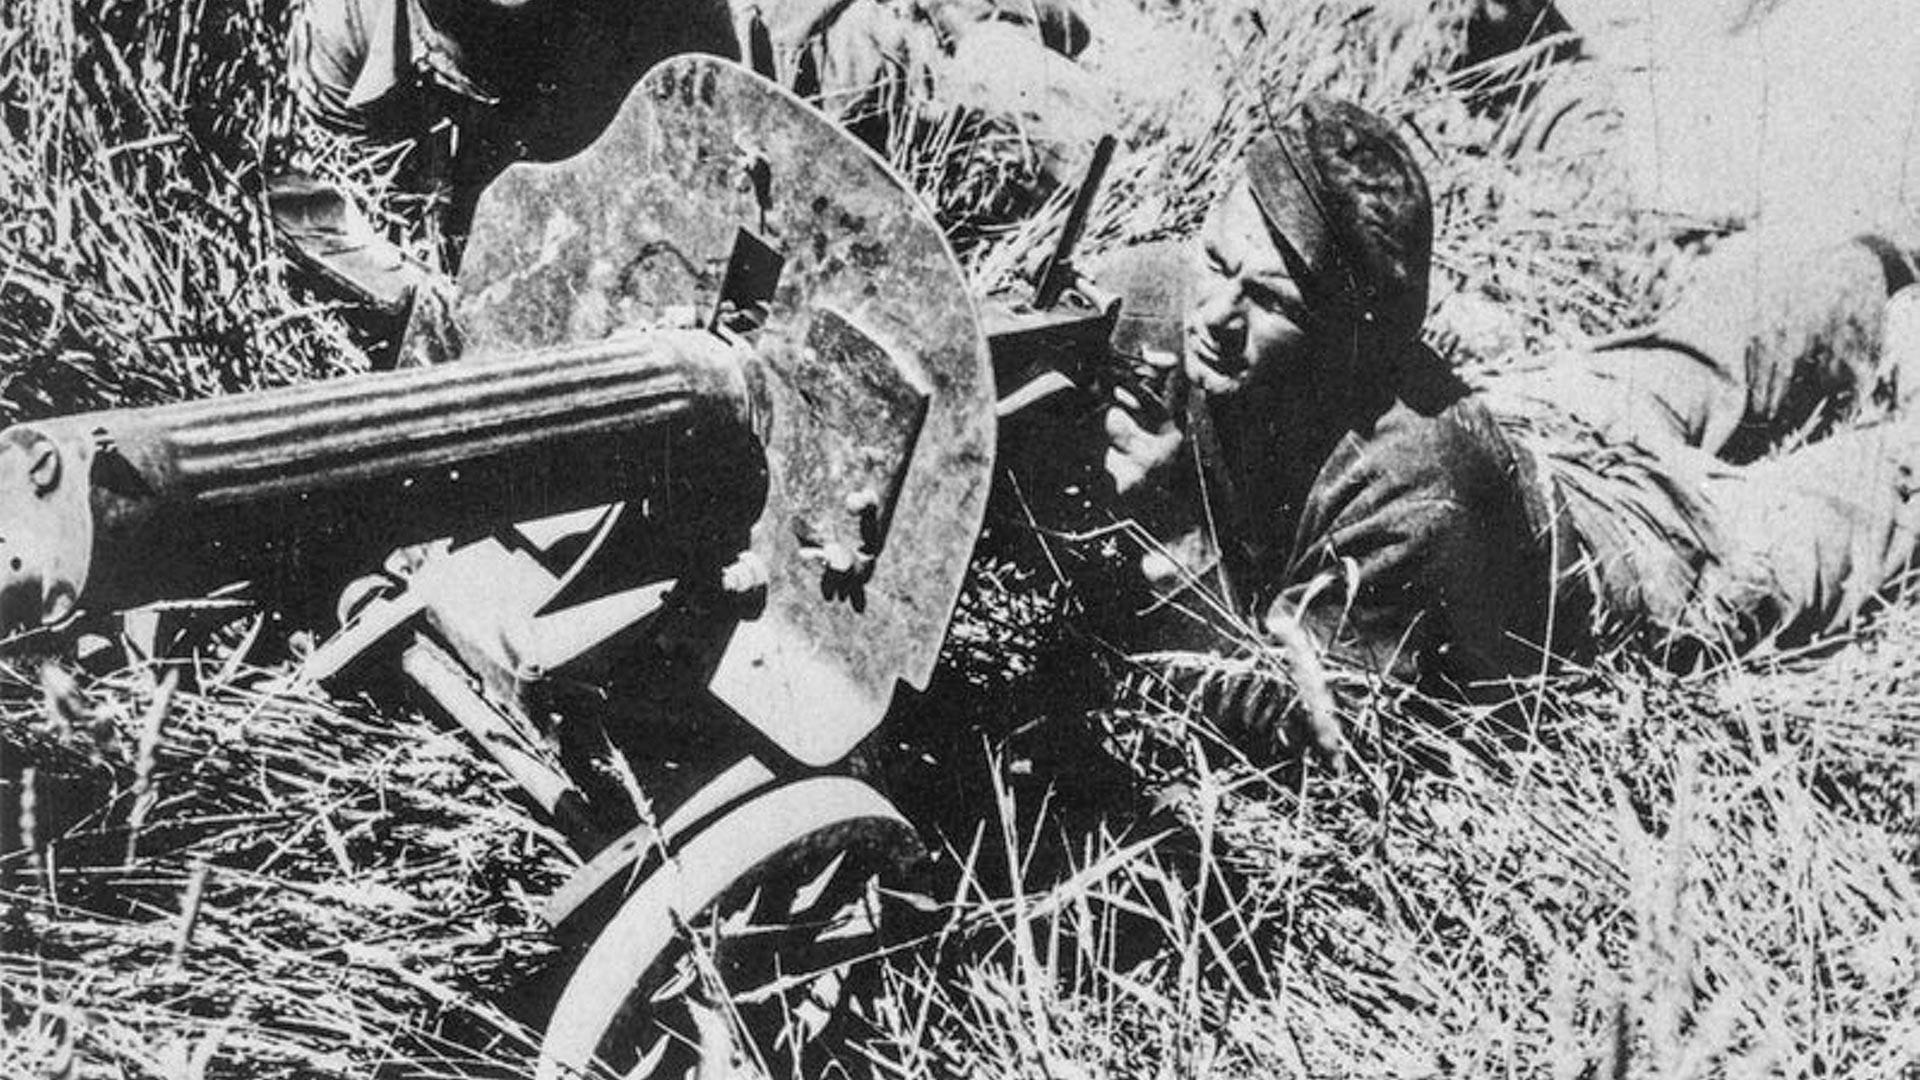 """Soldati delle """"Brigate internazionali"""", i volontari stranieri filo repubblicani nella Guerra civile spagnola, con una mitragliatrice di fabbricazione sovietica"""